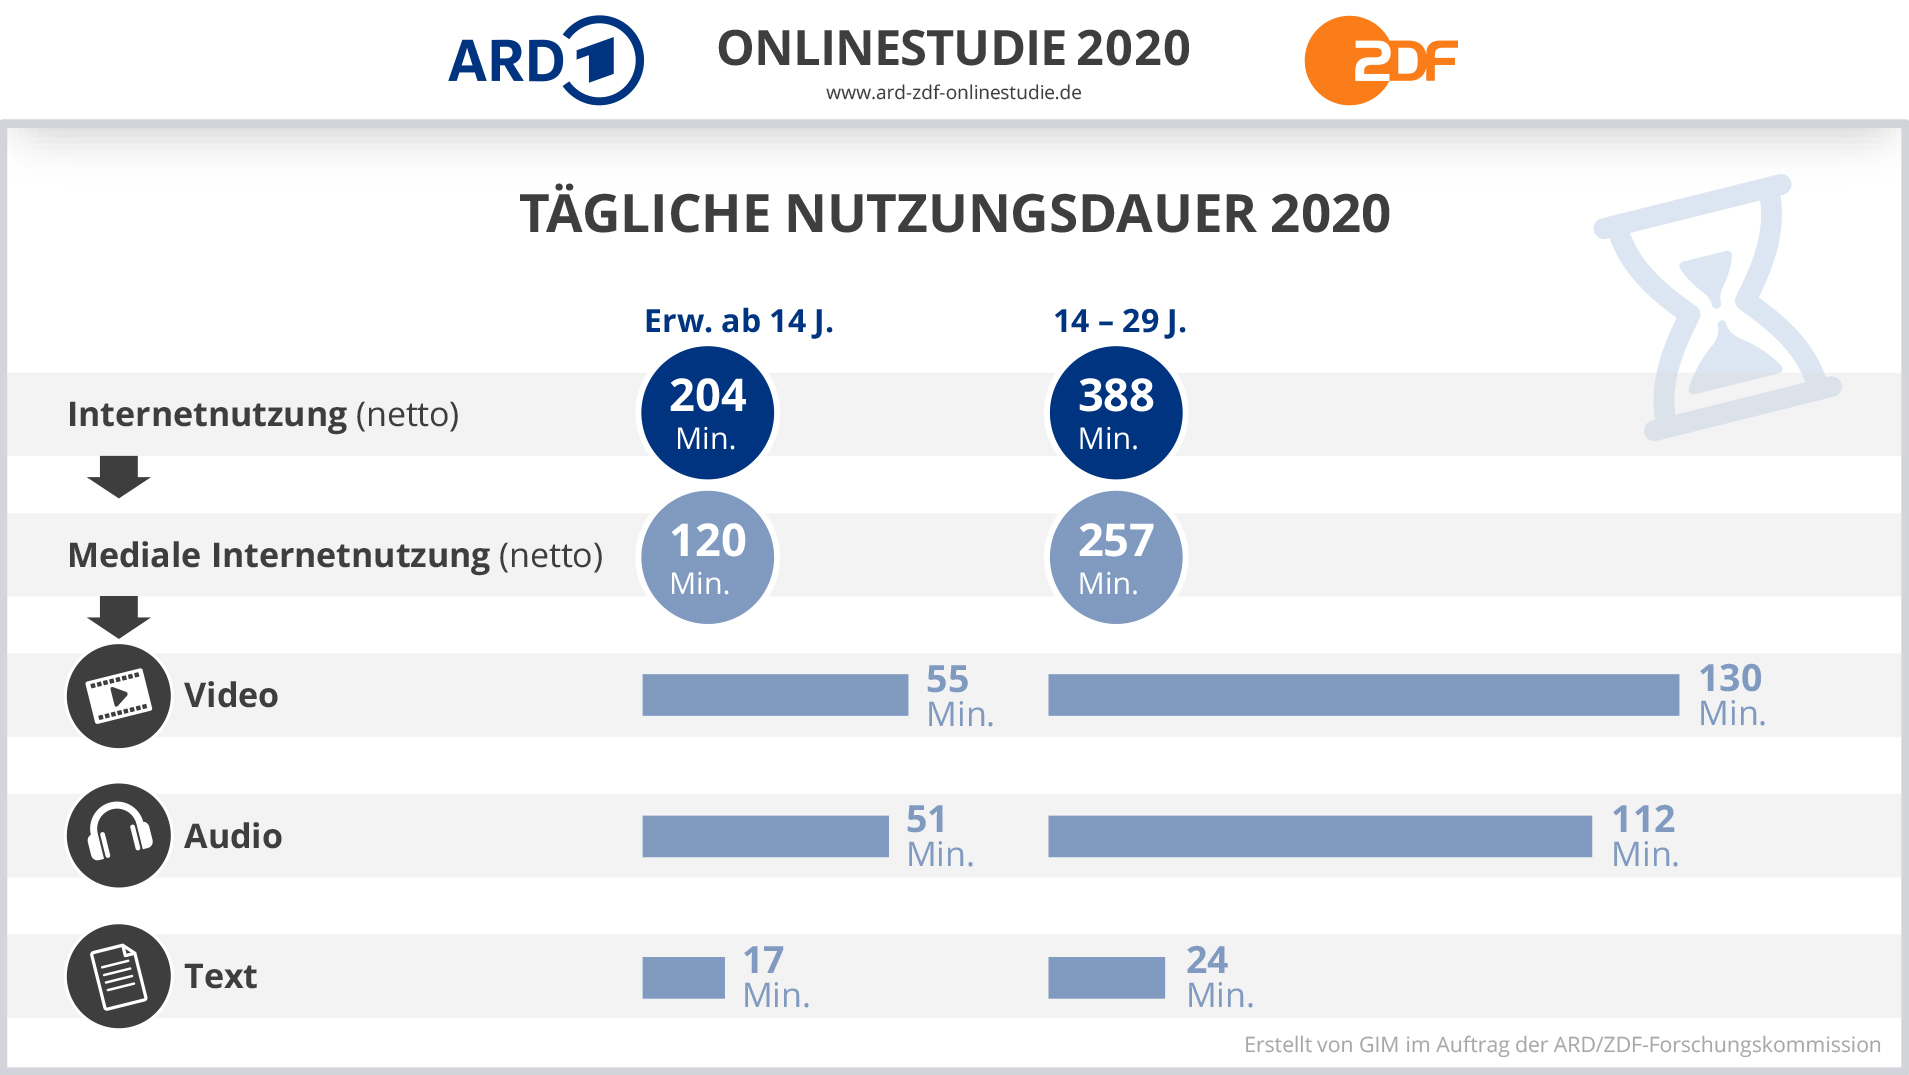 ARD/ZDF Onlinestudie: Tägliche Nutzungsdauer 2020. Aus: Sind Blog-Artikel überholt?